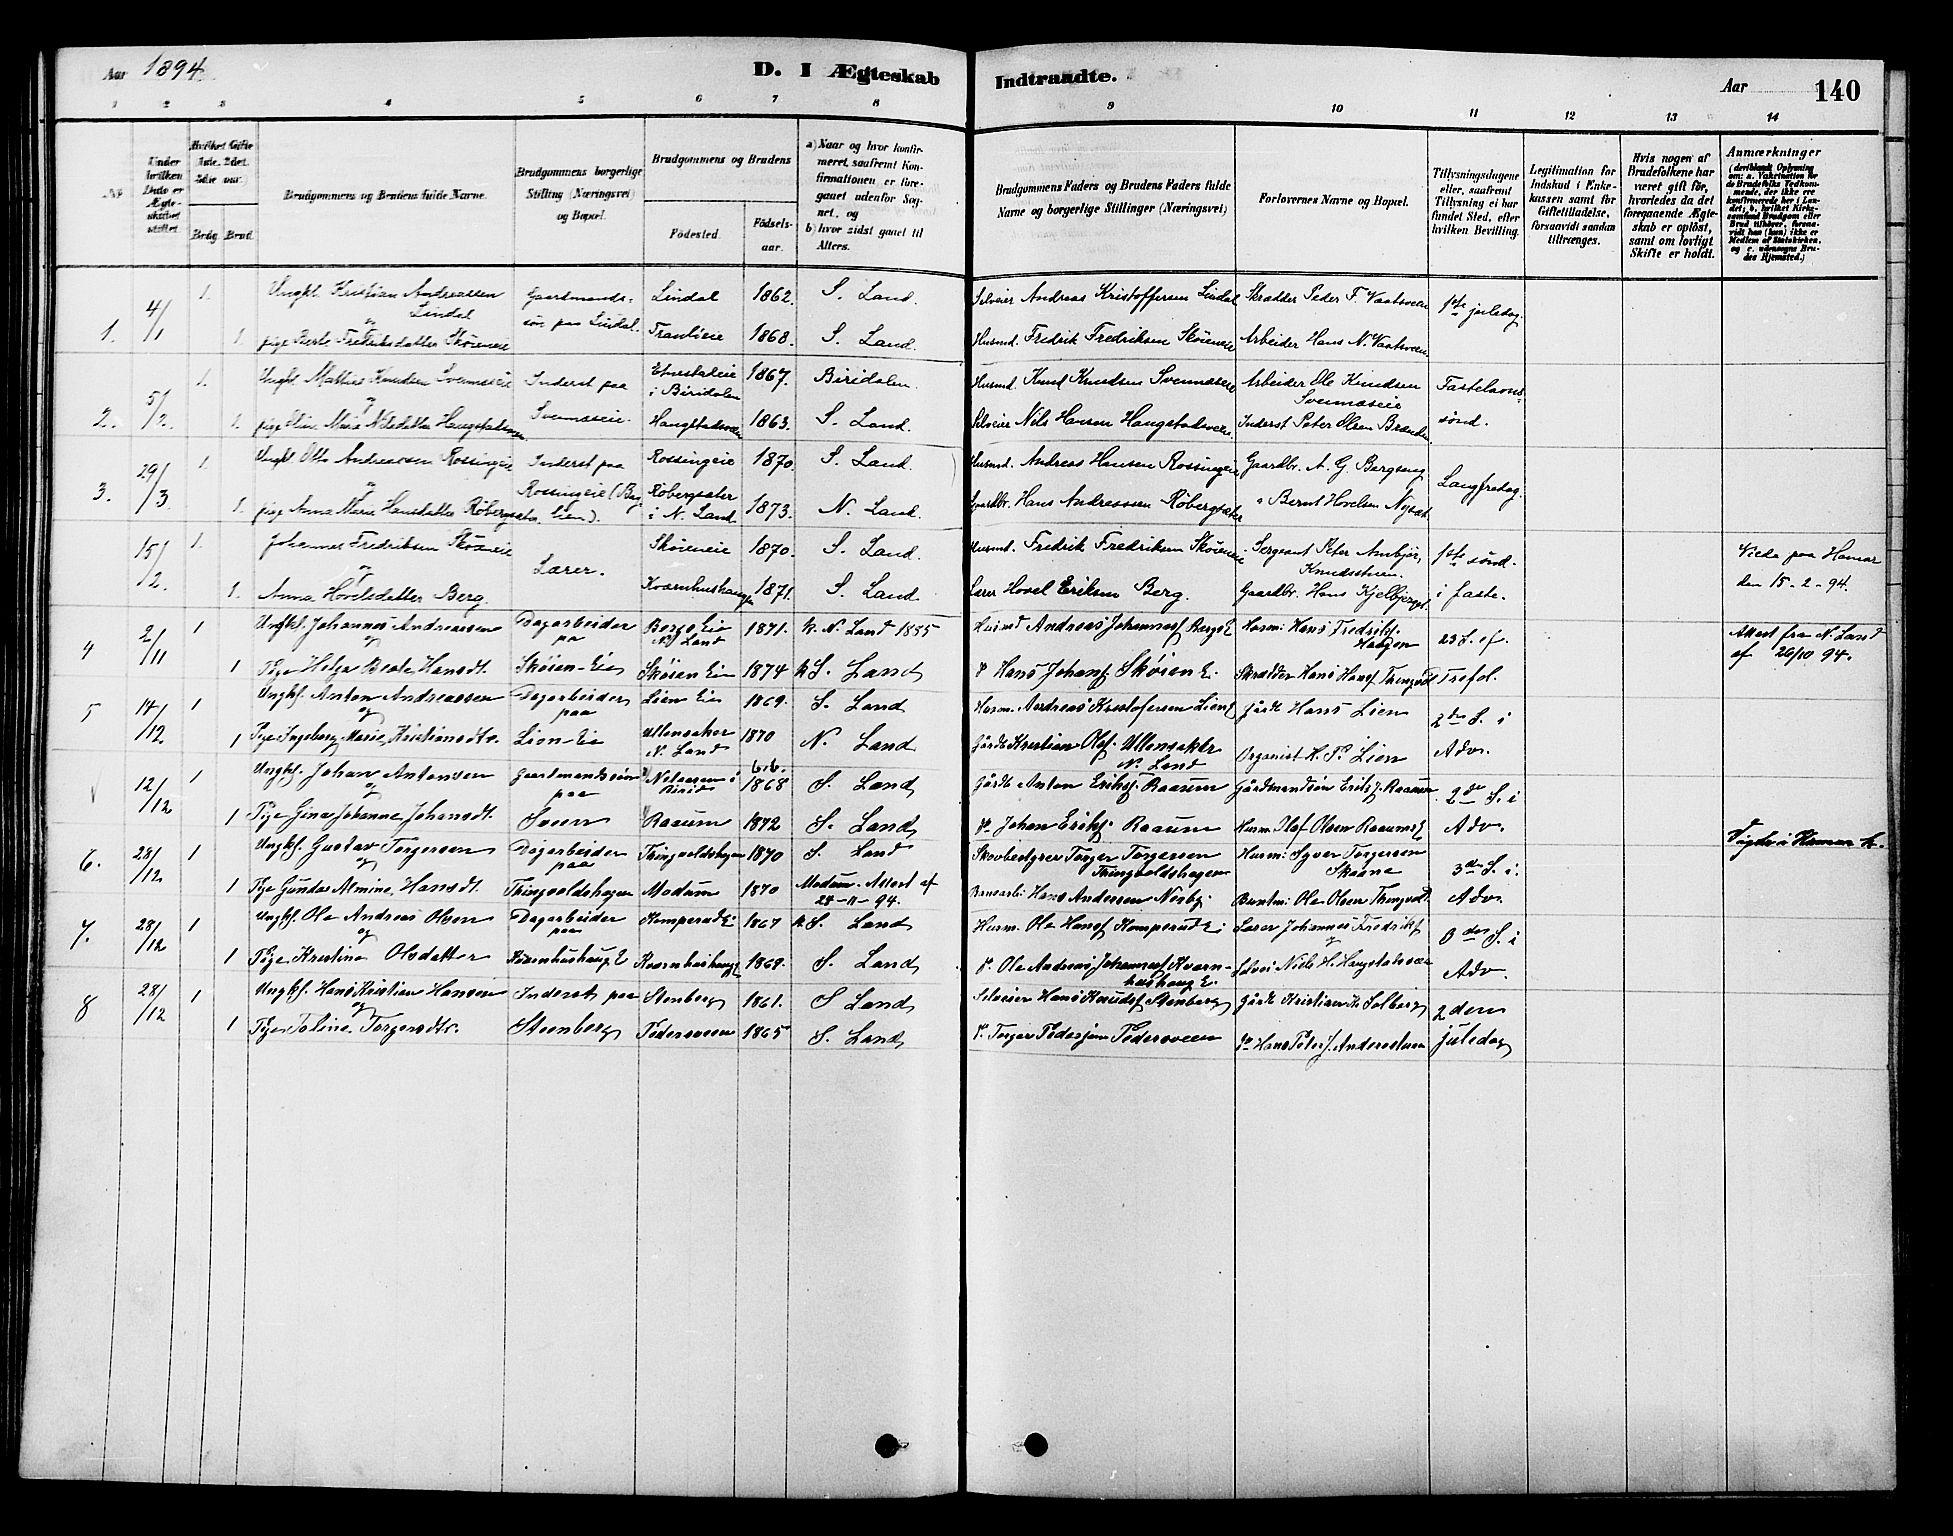 SAH, Søndre Land prestekontor, K/L0002: Ministerialbok nr. 2, 1878-1894, s. 140